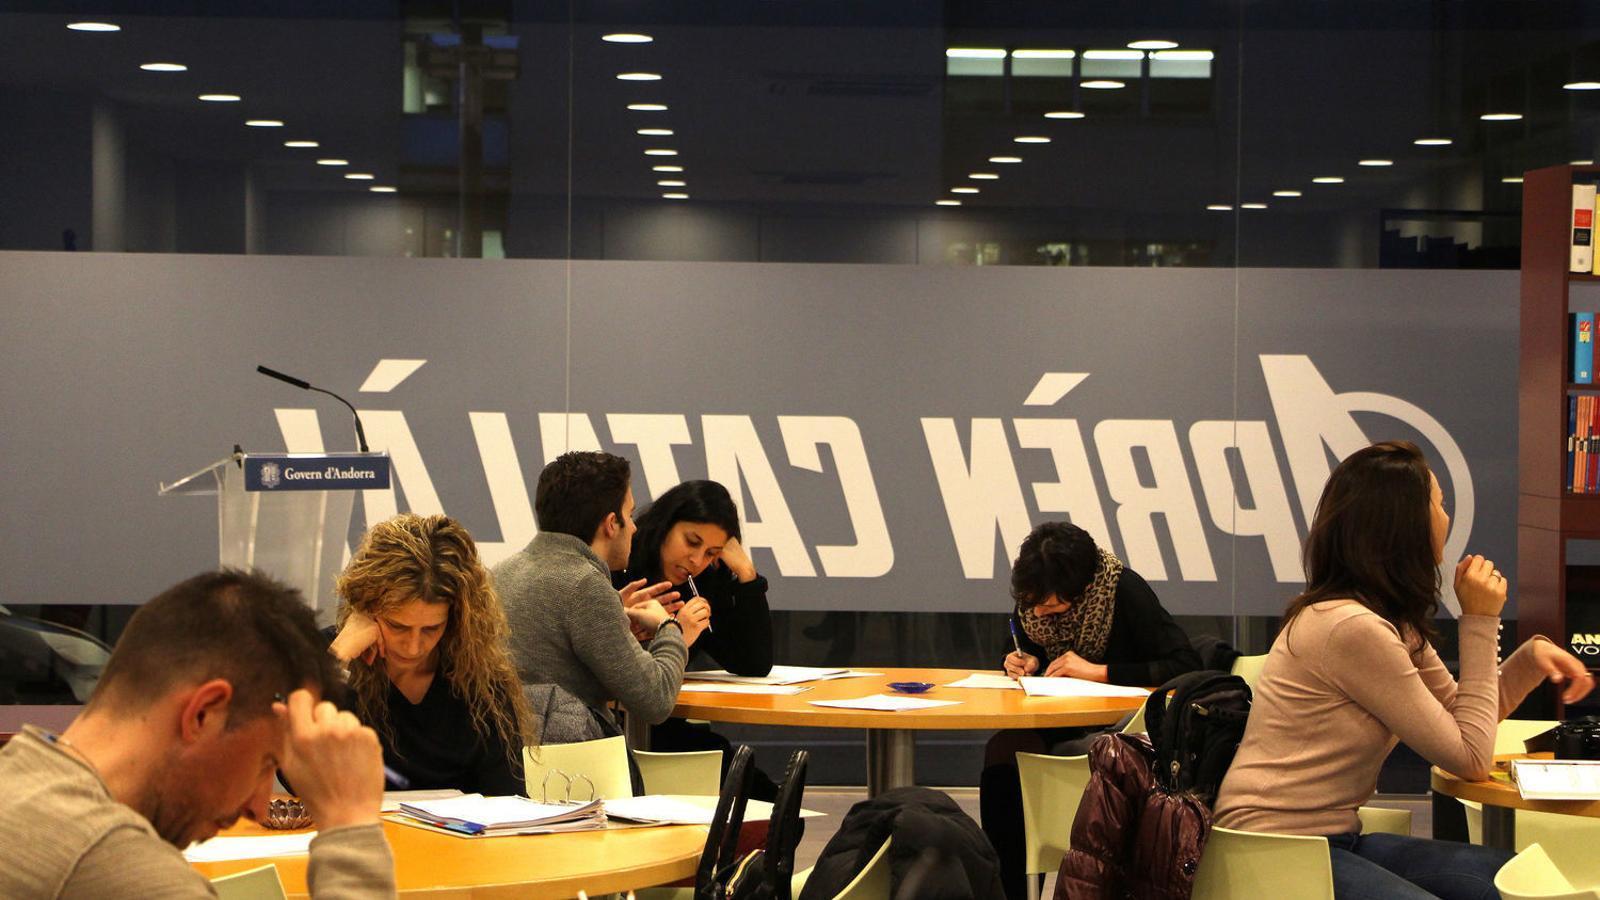 El Centre de Català d'Escaldes celebra el seu primer aniversari amb un augment tant qualitatiu com quantitatiu.